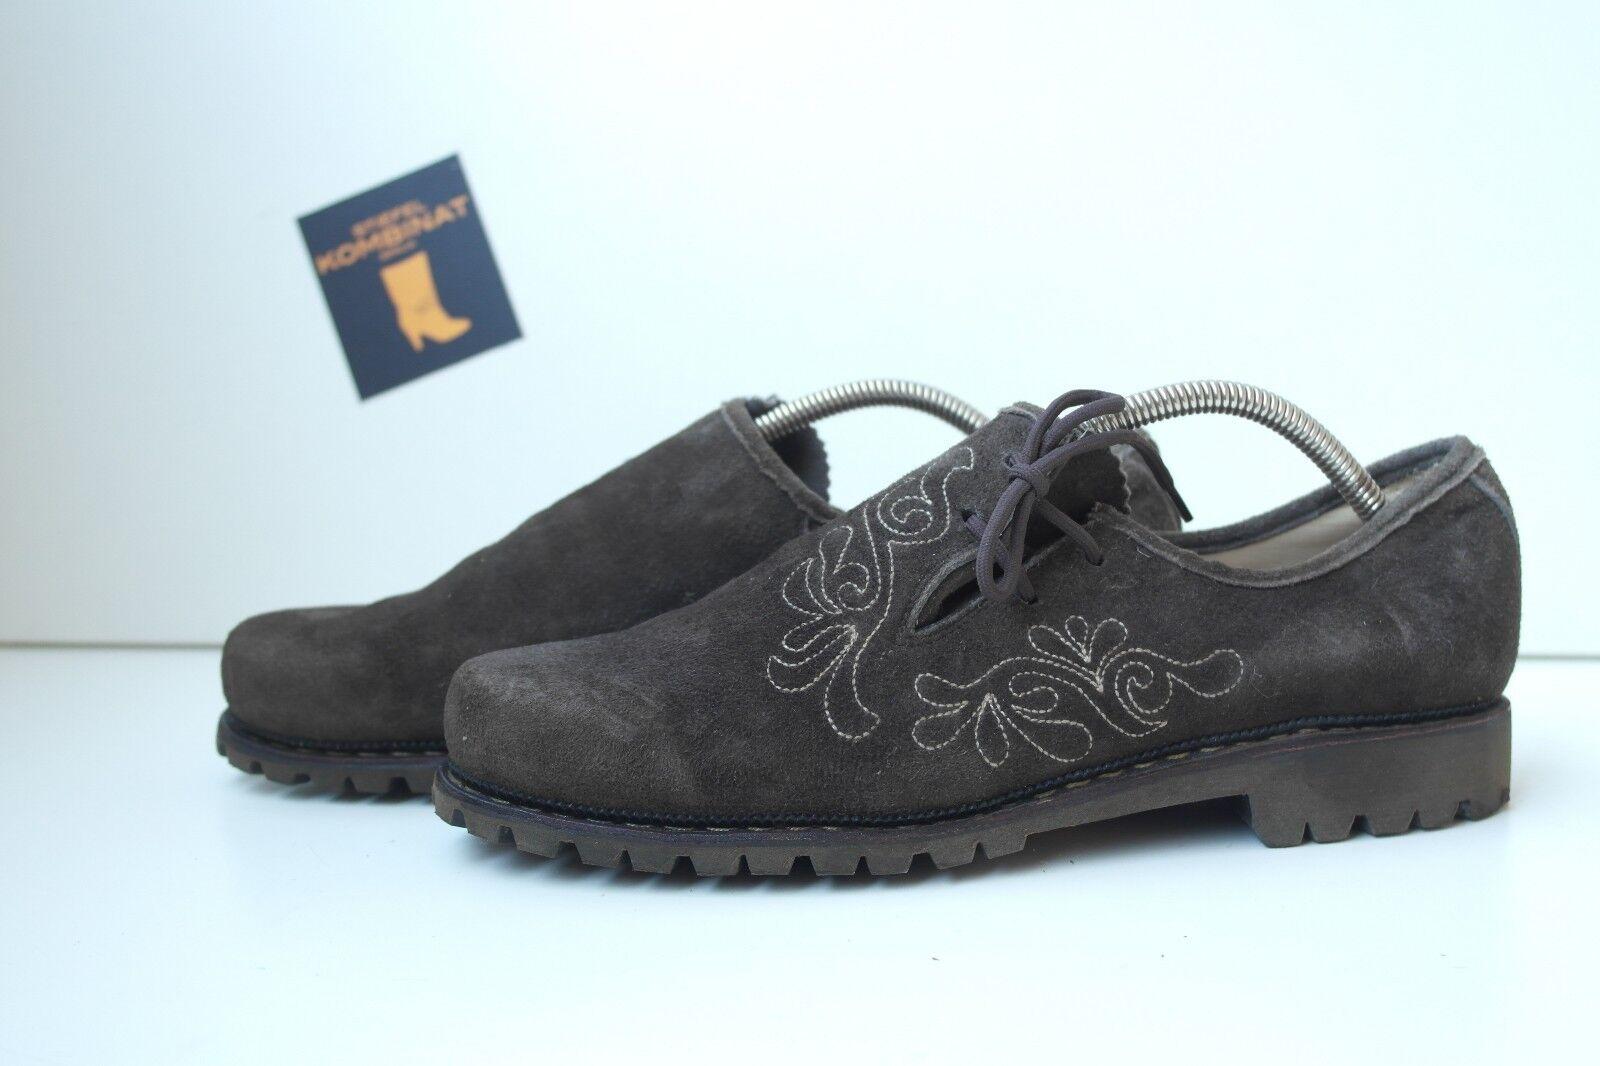 Caballero zapatillas Trachten Wiesn zapato bajo True True True vintage folklore marrón marrón loafer  orden ahora disfrutar de gran descuento